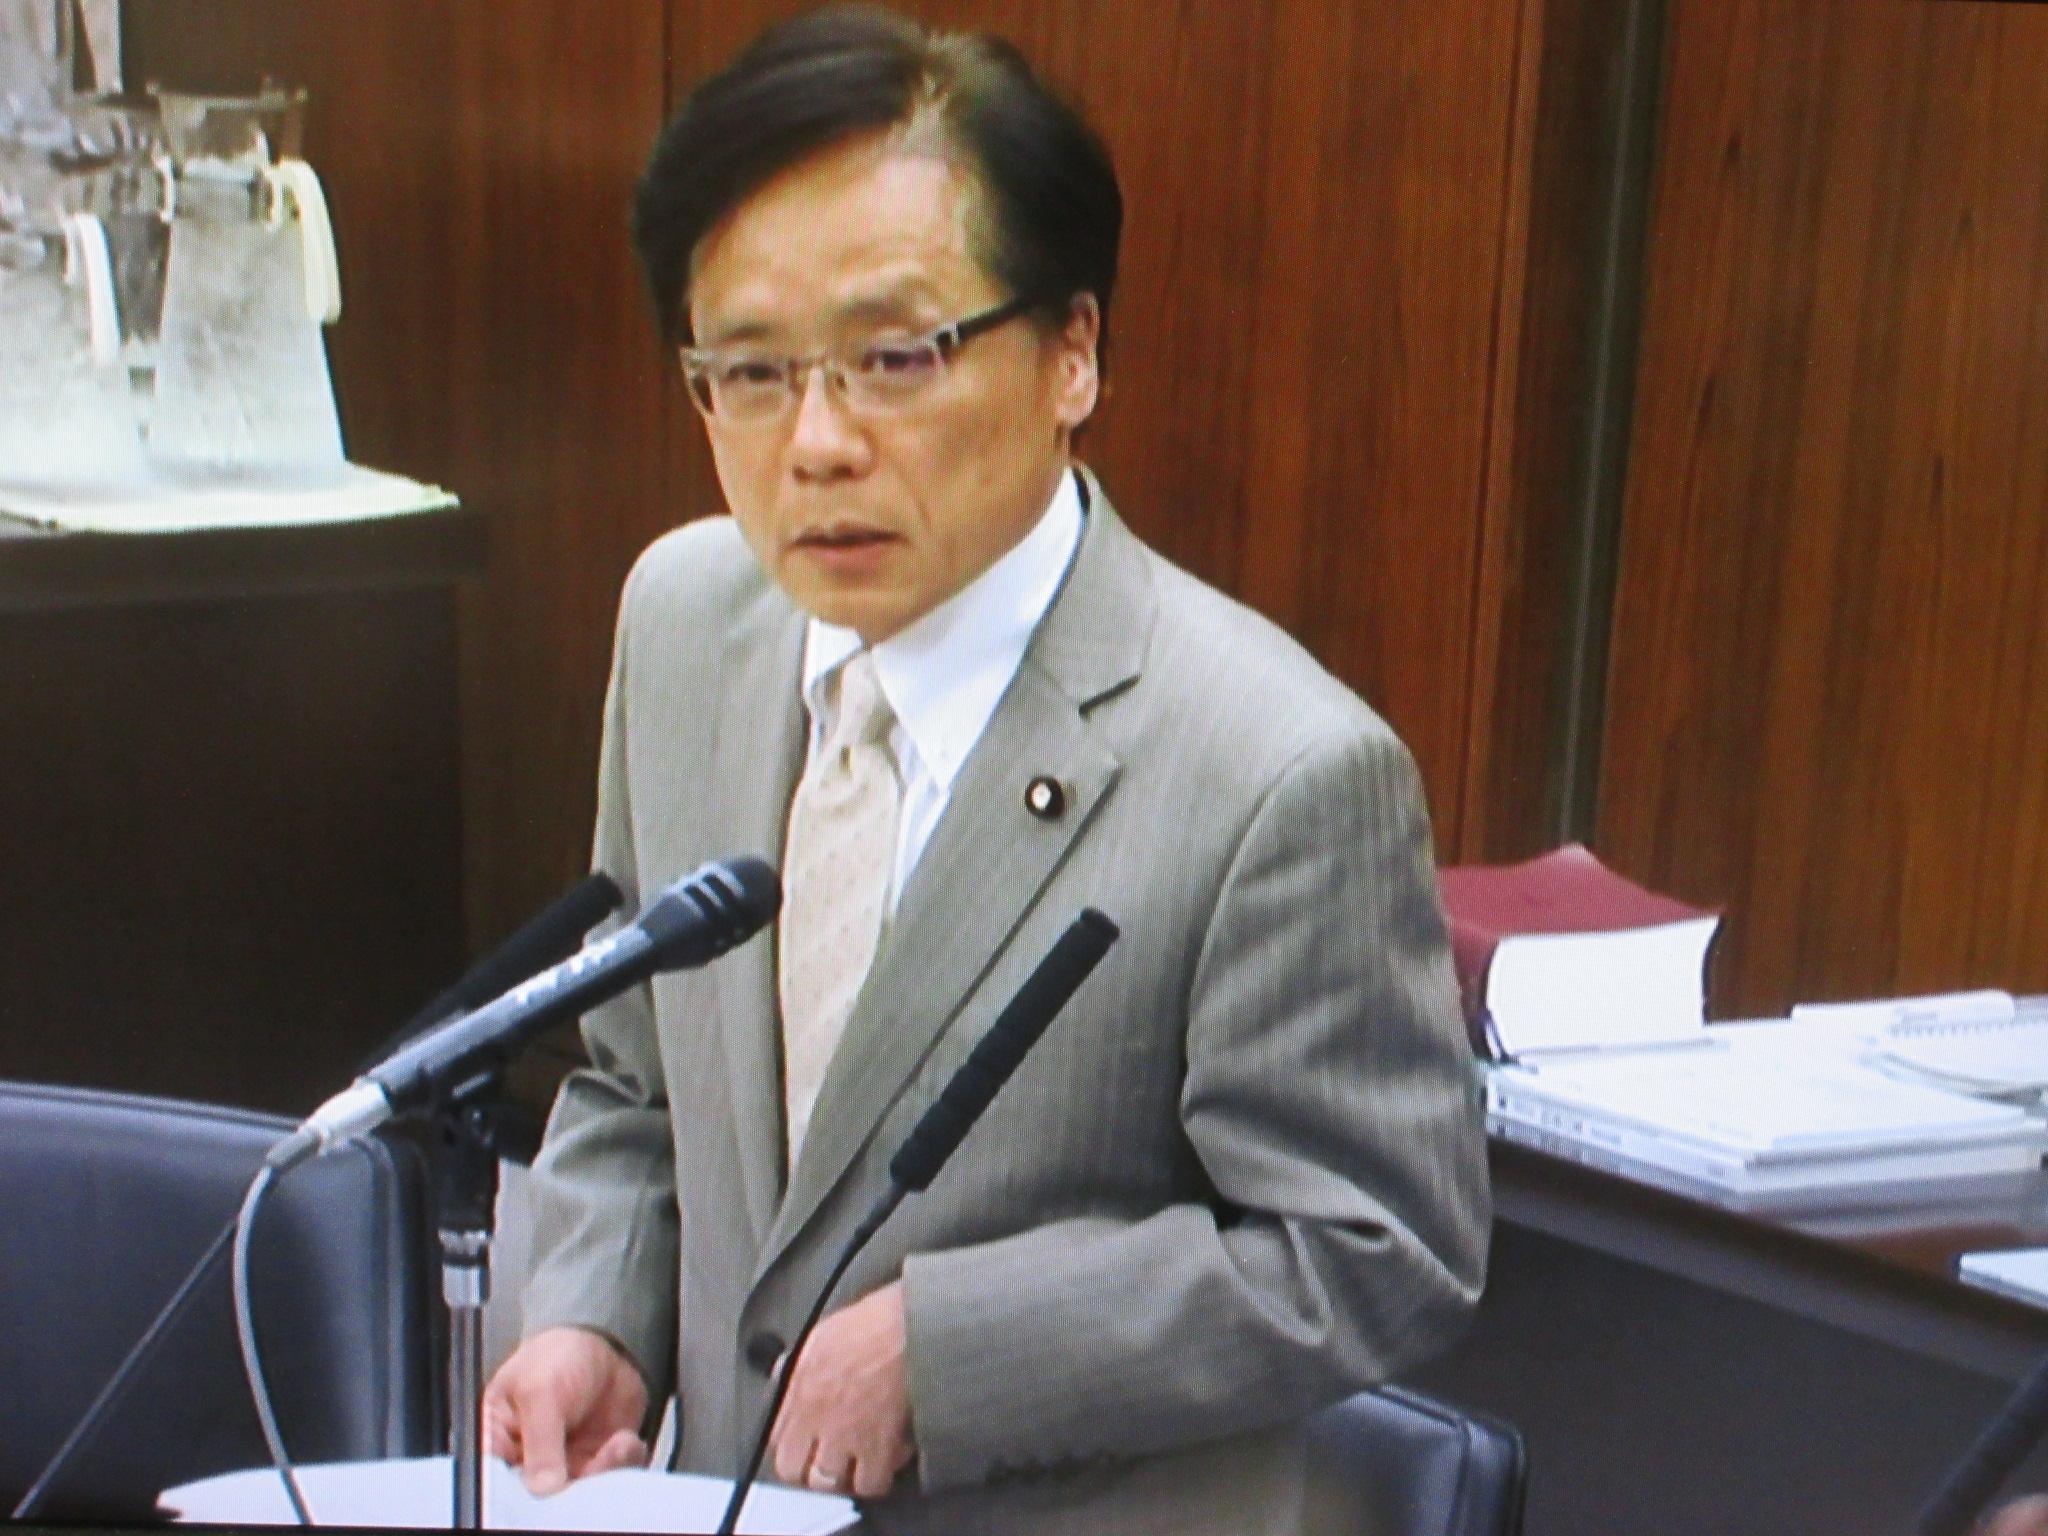 http://www.inoue-satoshi.com/diary/IMG_4293.JPG